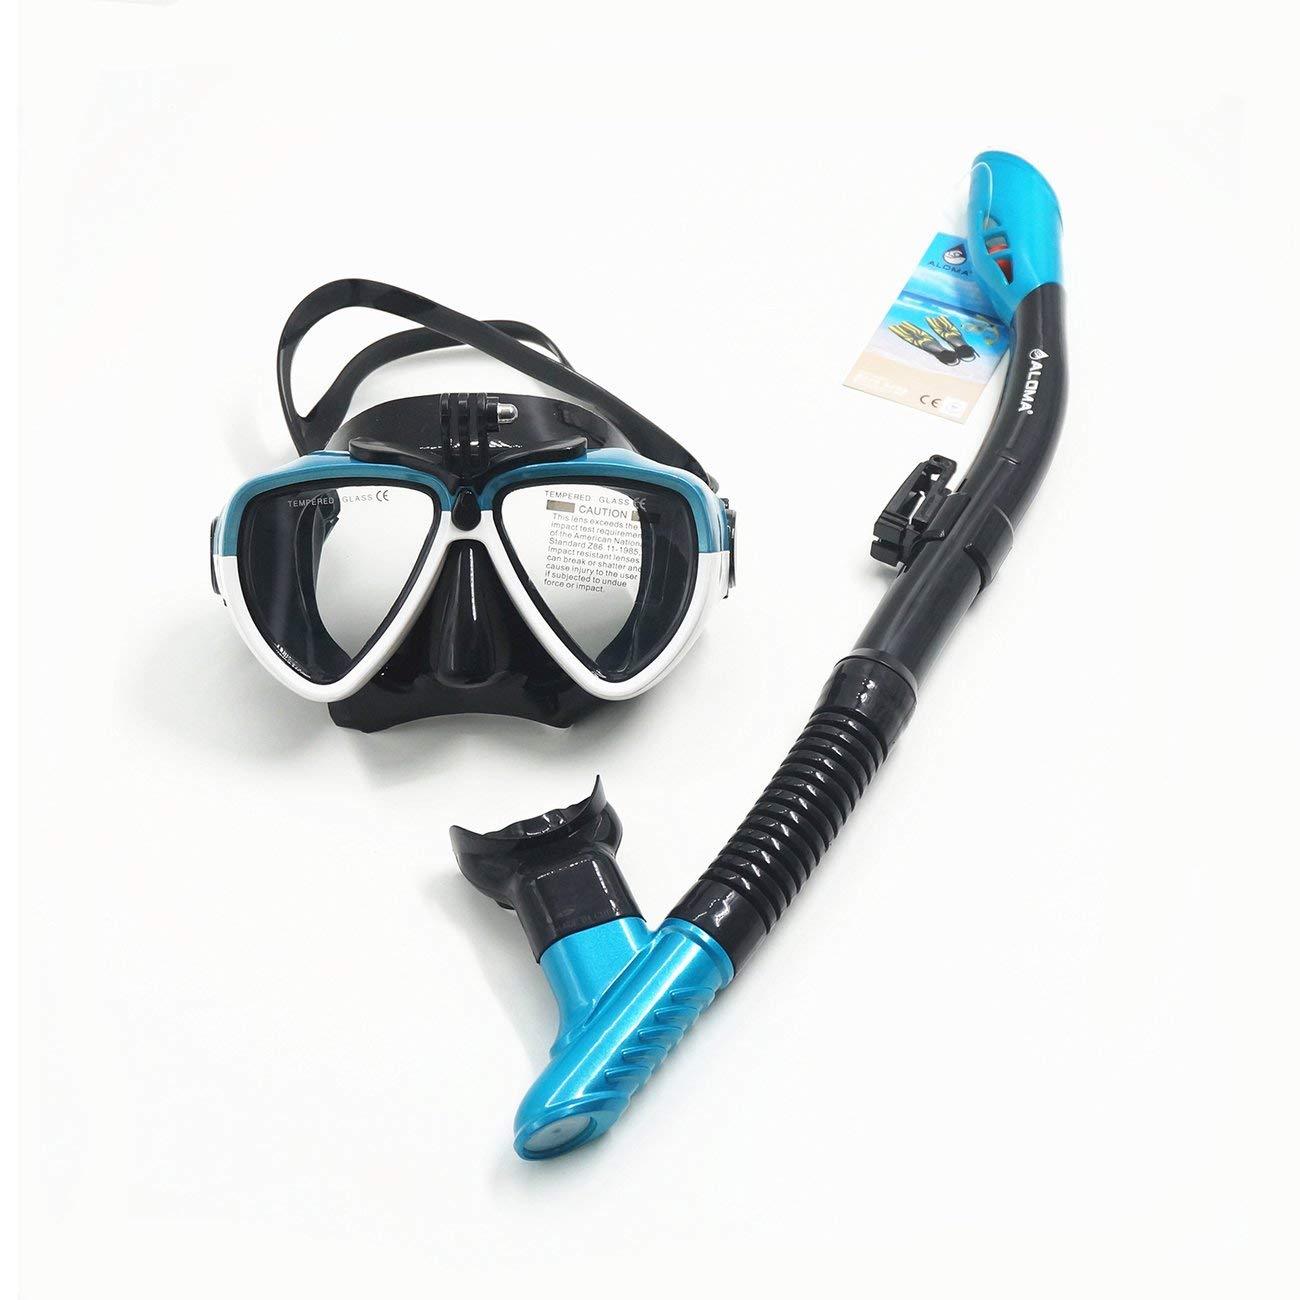 LasVogos in Silicone per Adulti Snorkel Set Mascherina di Immersione Subacquea Nuotata Subacquea Occhiali Snorkeling sfiato del Tubo di Salvataggio di Sopravvivenza AM206GP + 408